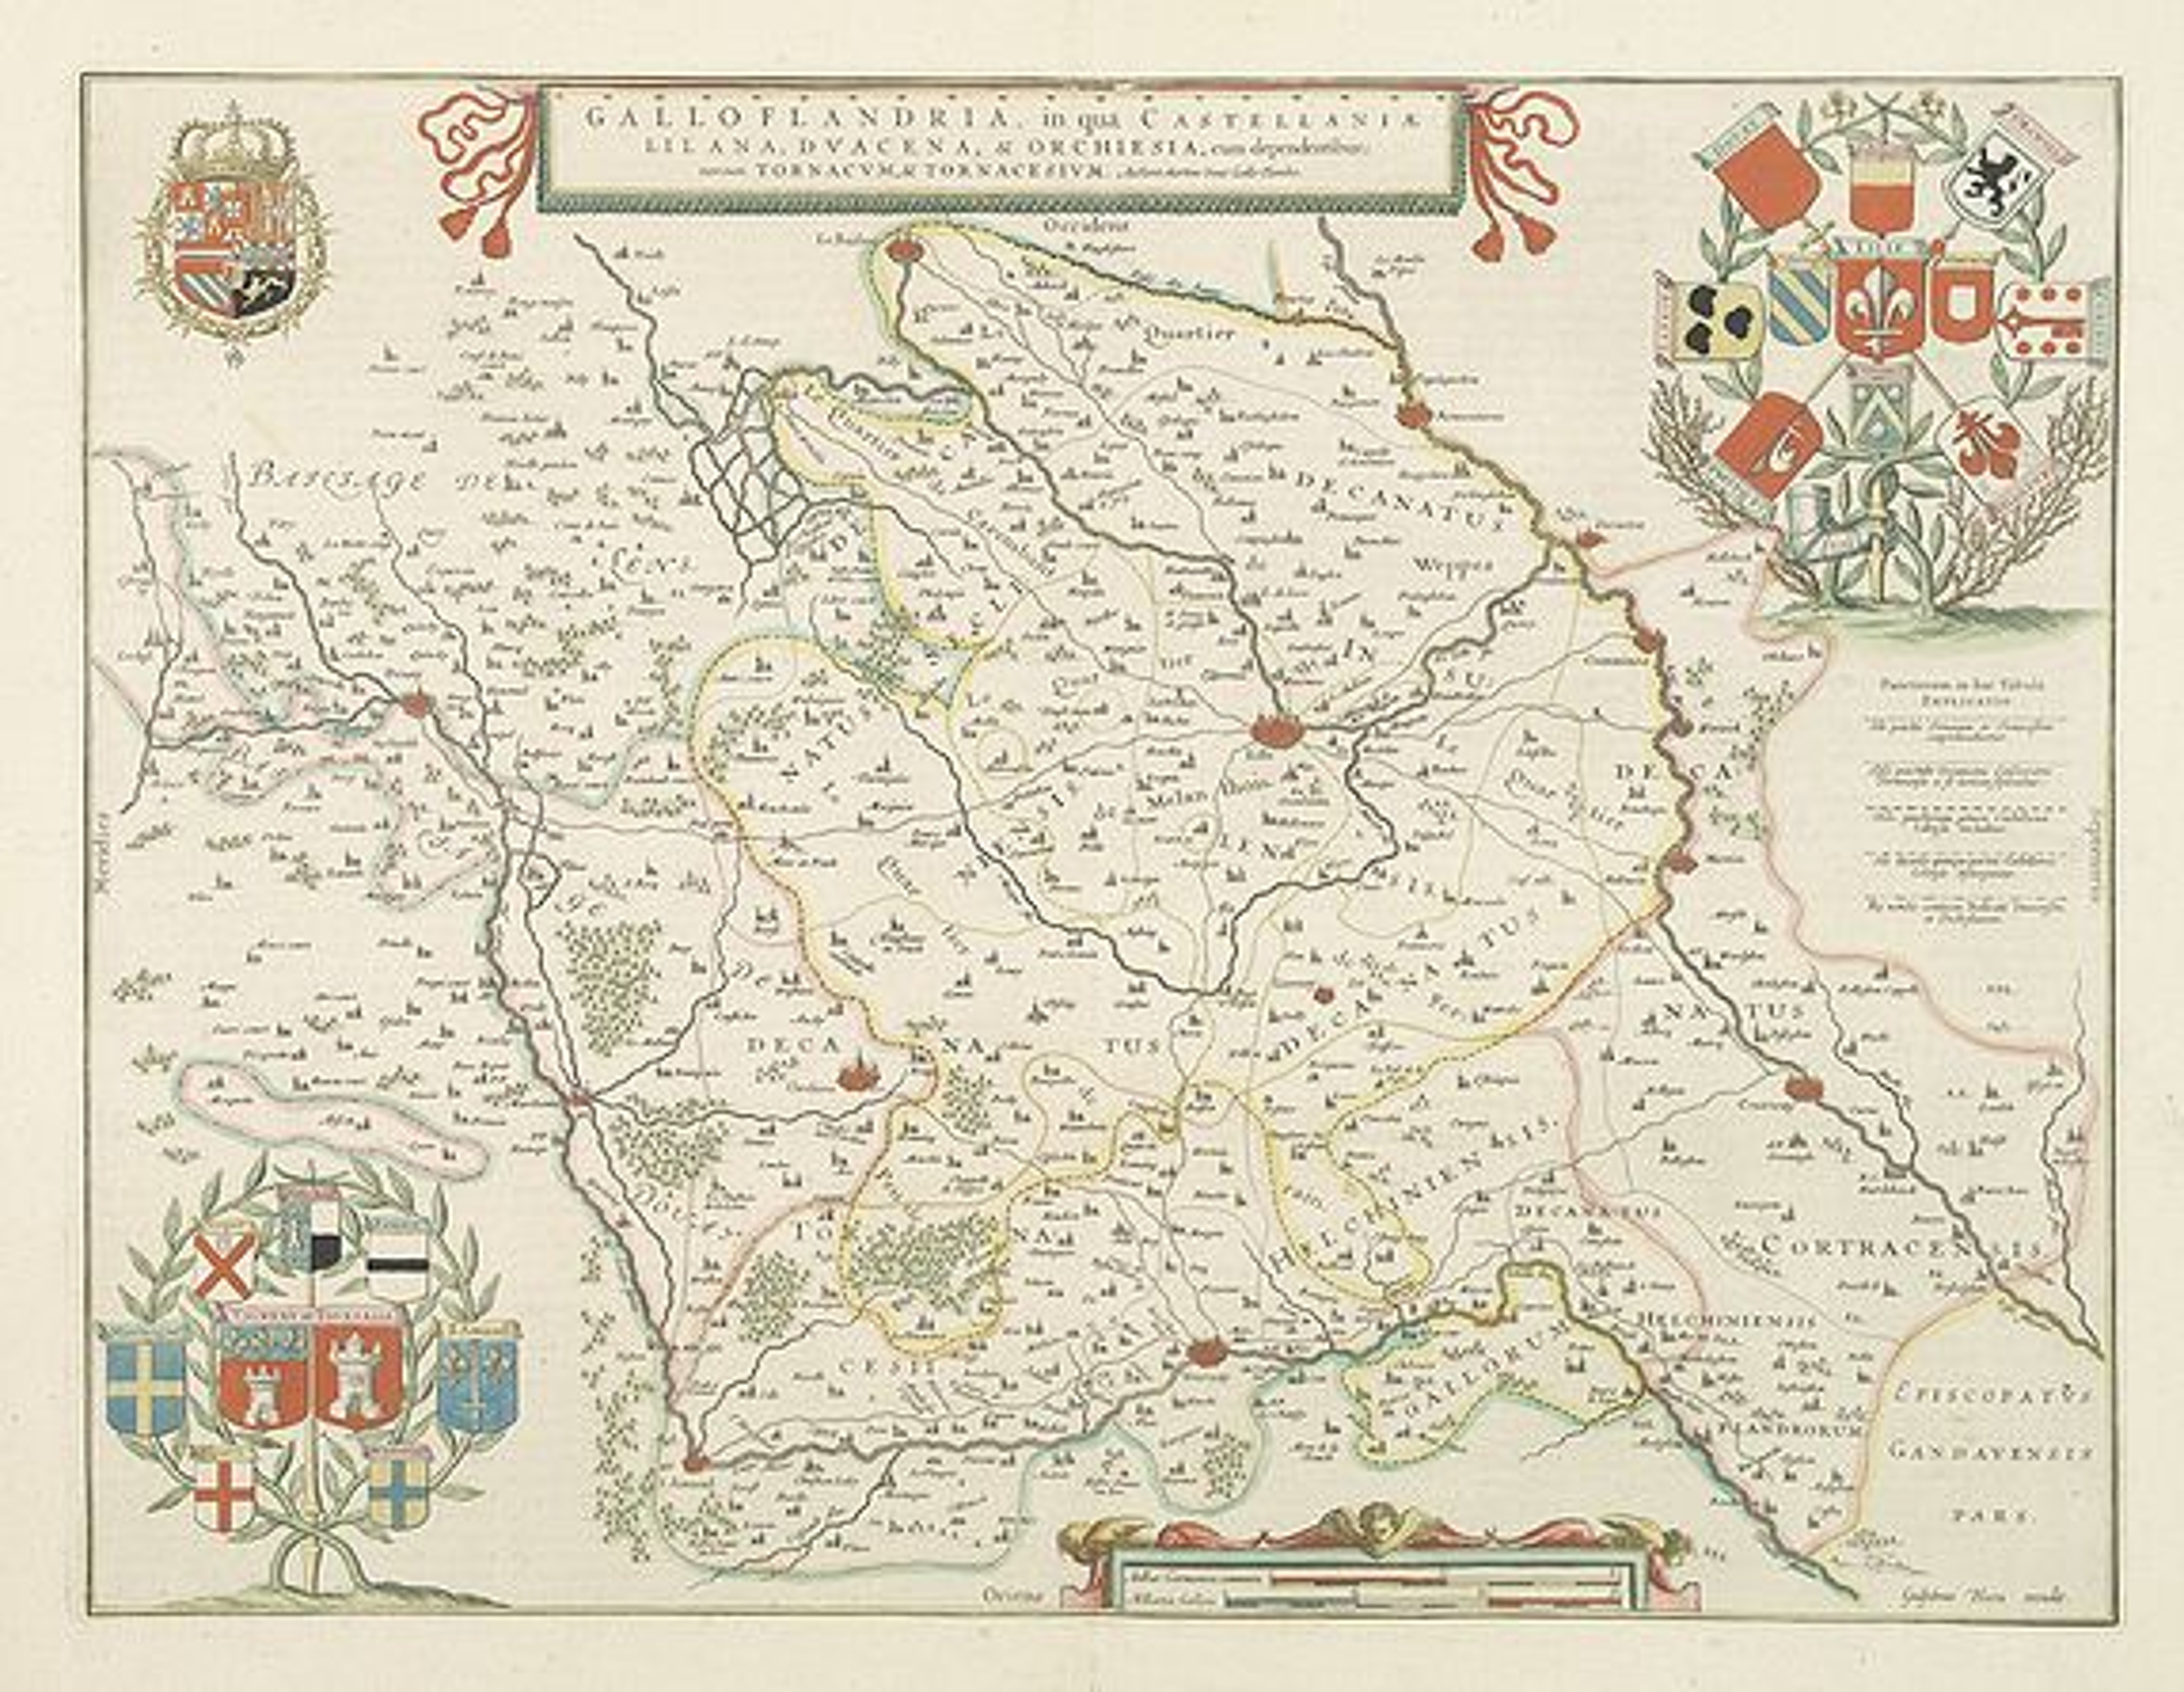 BLAEU, W. -  Galloflandria, in qua Castellaniae Lilana, duacena, et orchiesia, cum dependentibus ; necnon Tornacum, et Tornacesium / Auctore Martino Doué Gallo-Flandro